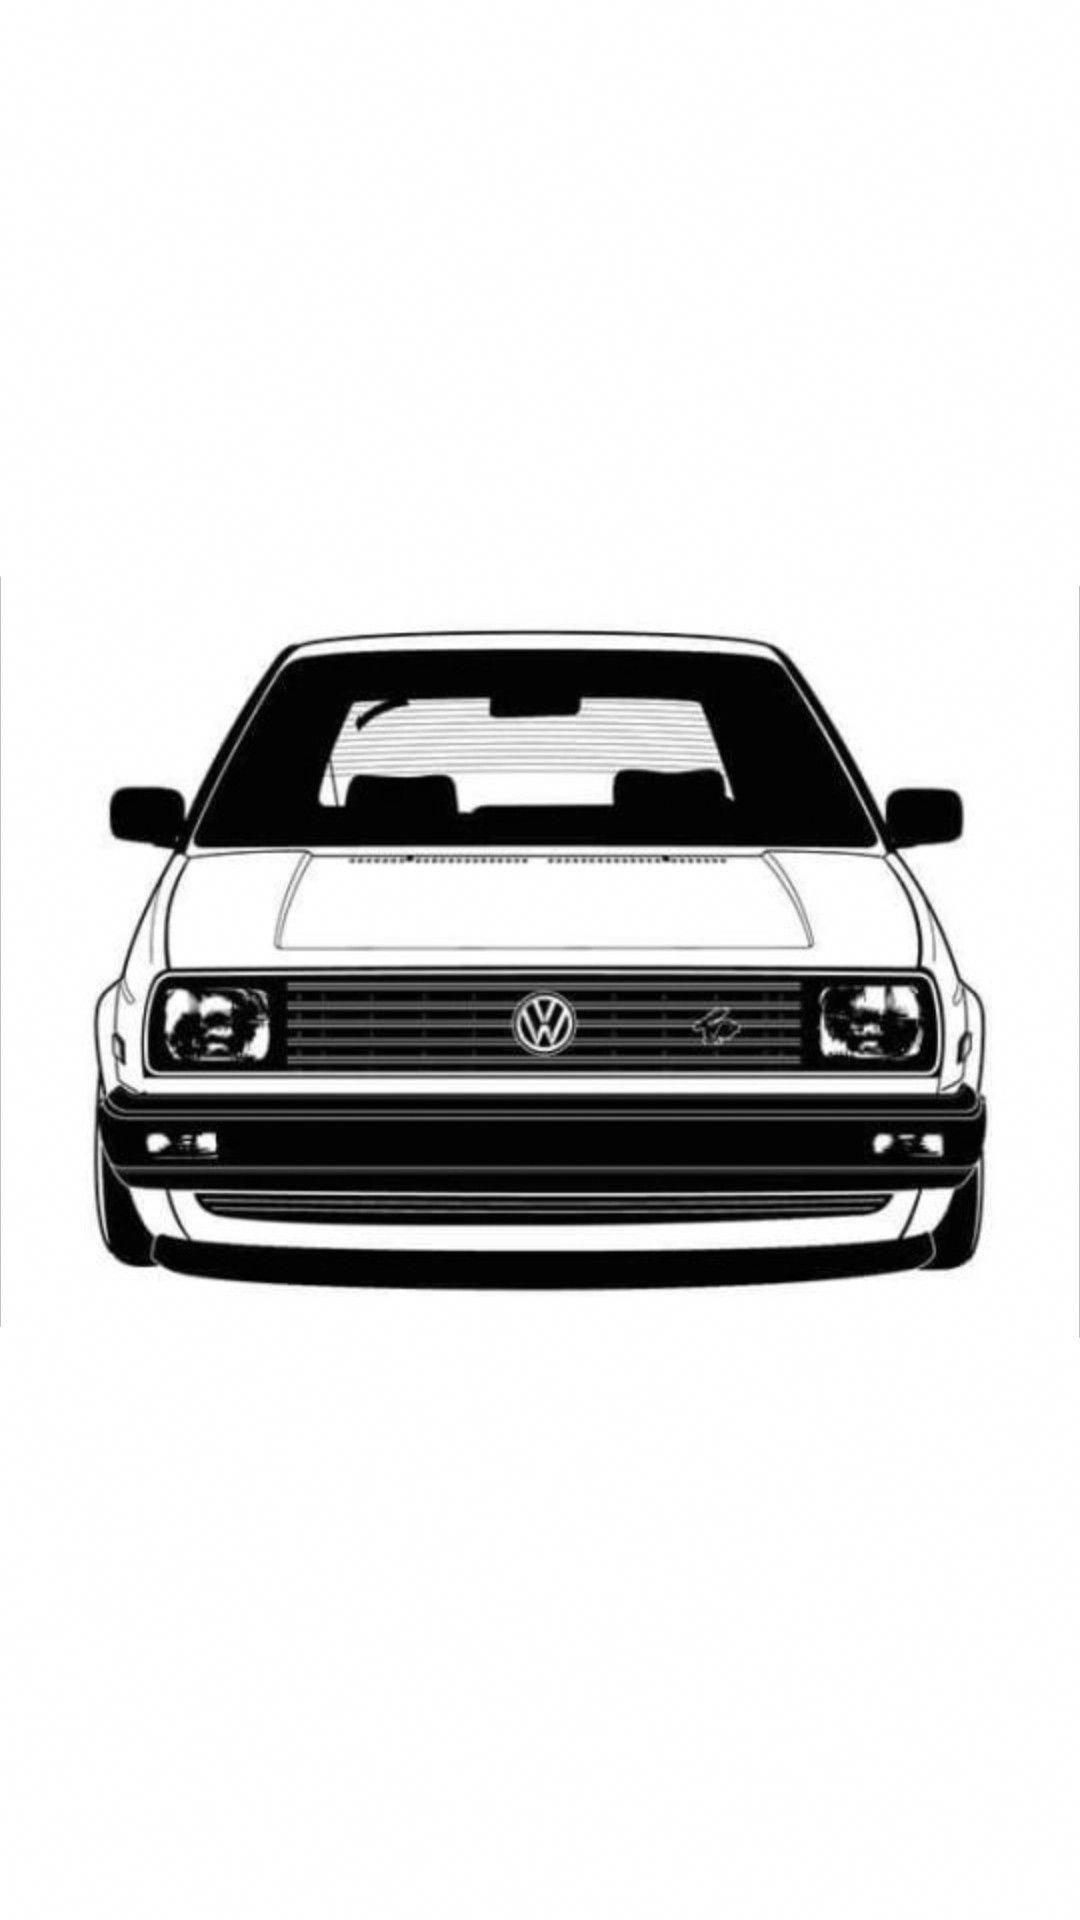 Customvwpolomk5 Volkswagen Car Volkswagen Volkswagen Golf